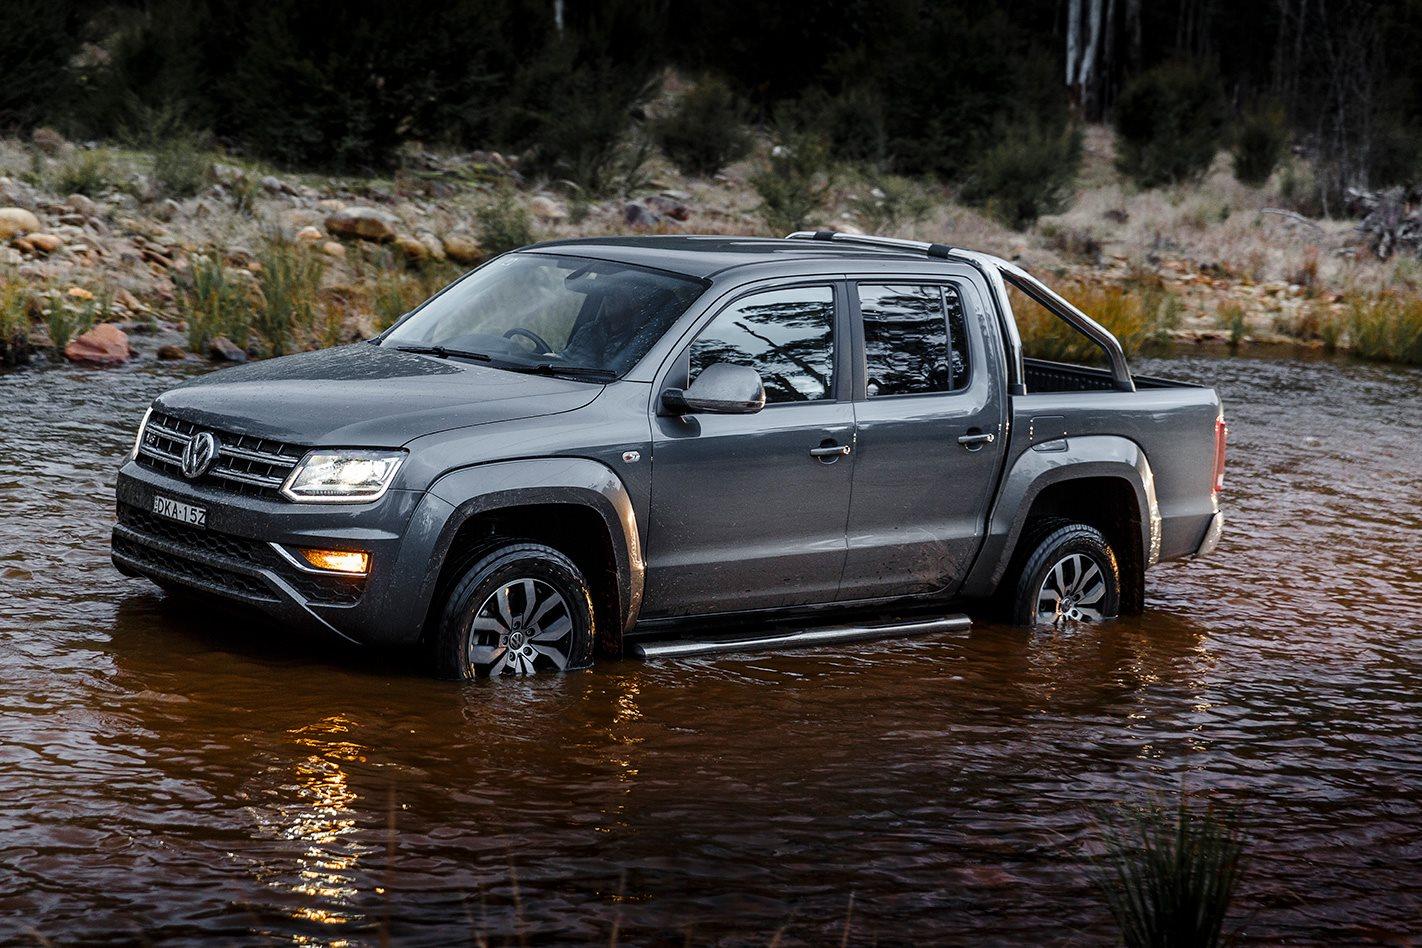 Volkswagen Amarok V6 water crossing.jpg